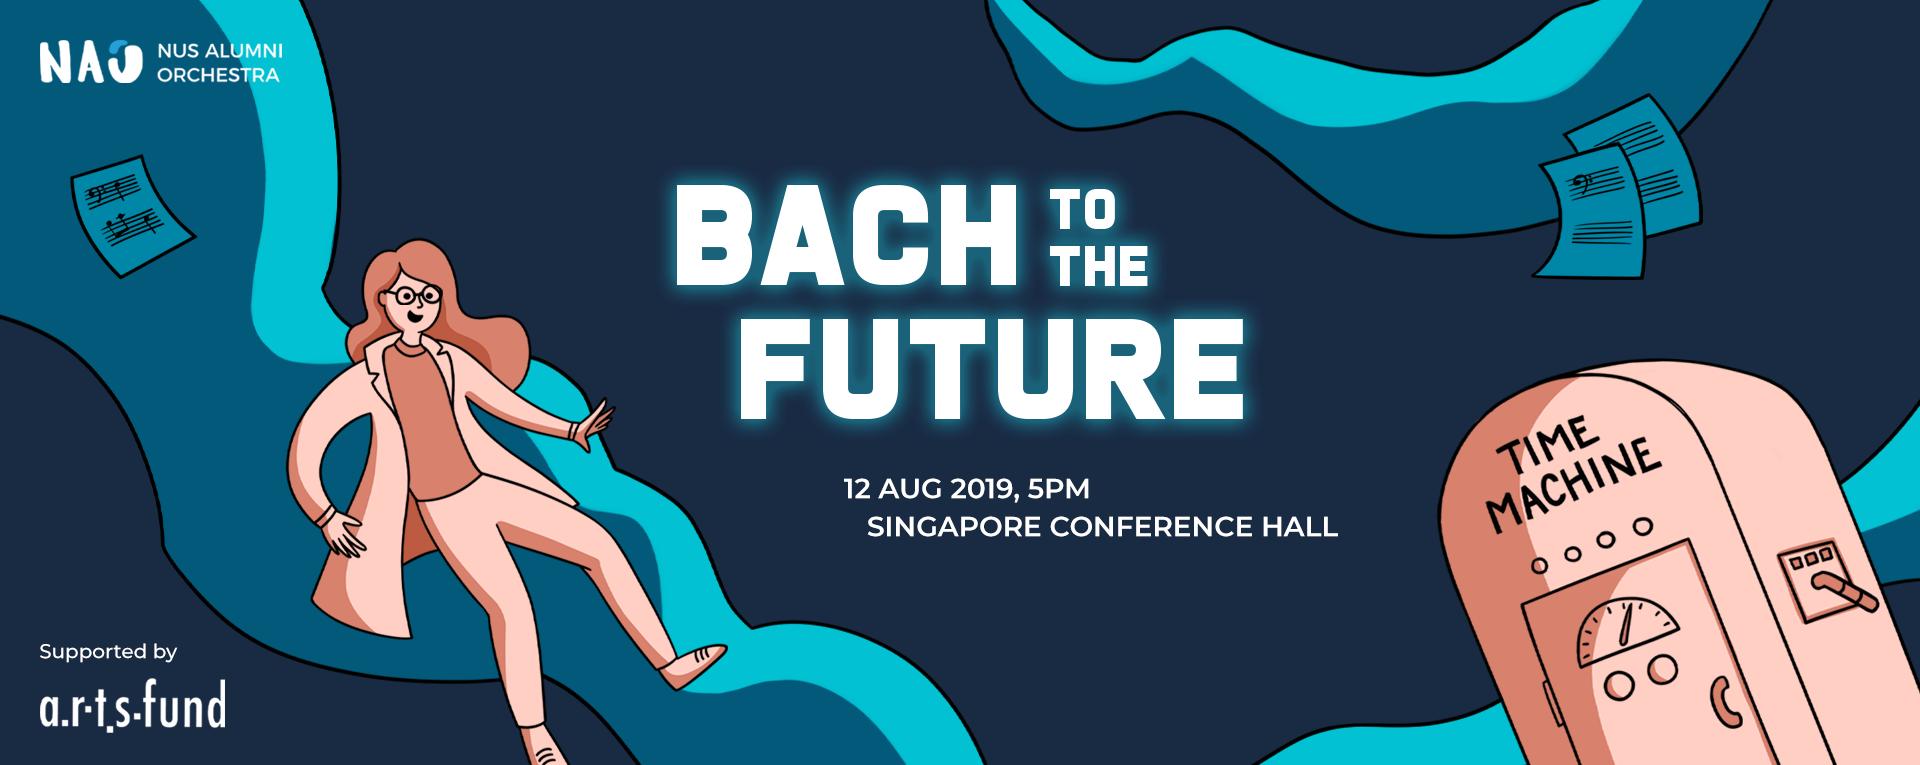 NUS Alumni Orchestra presents: Bach to the Future